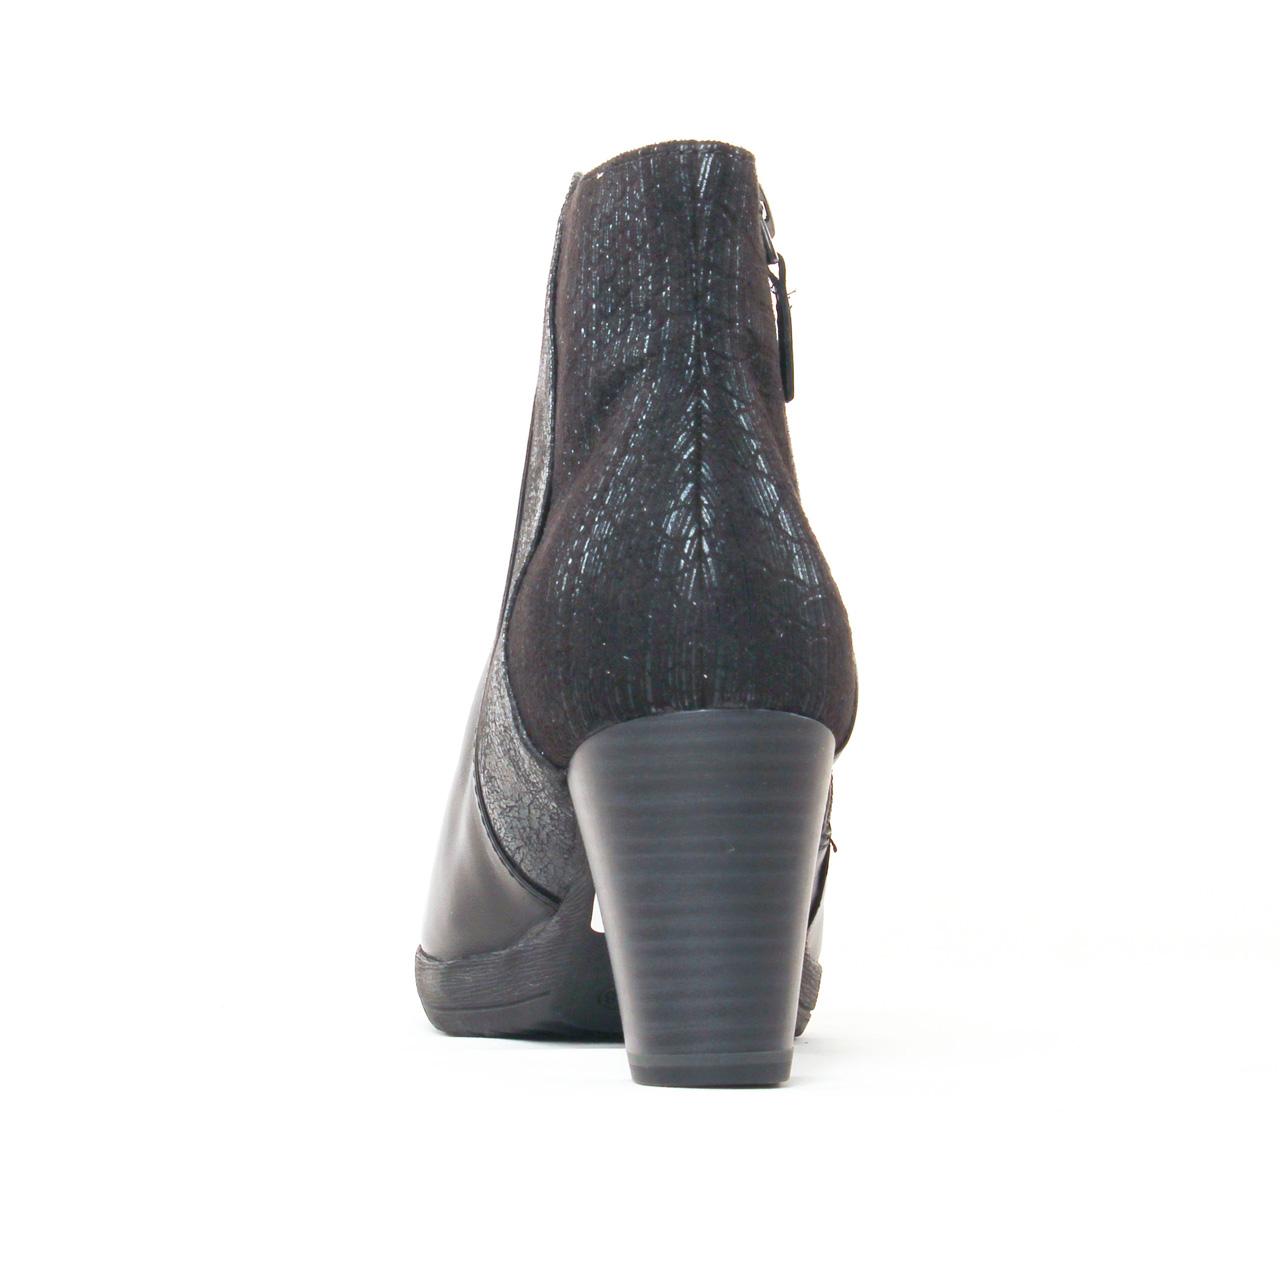 tamaris 25380 black | boot talon noir automne hiver 2017 chez